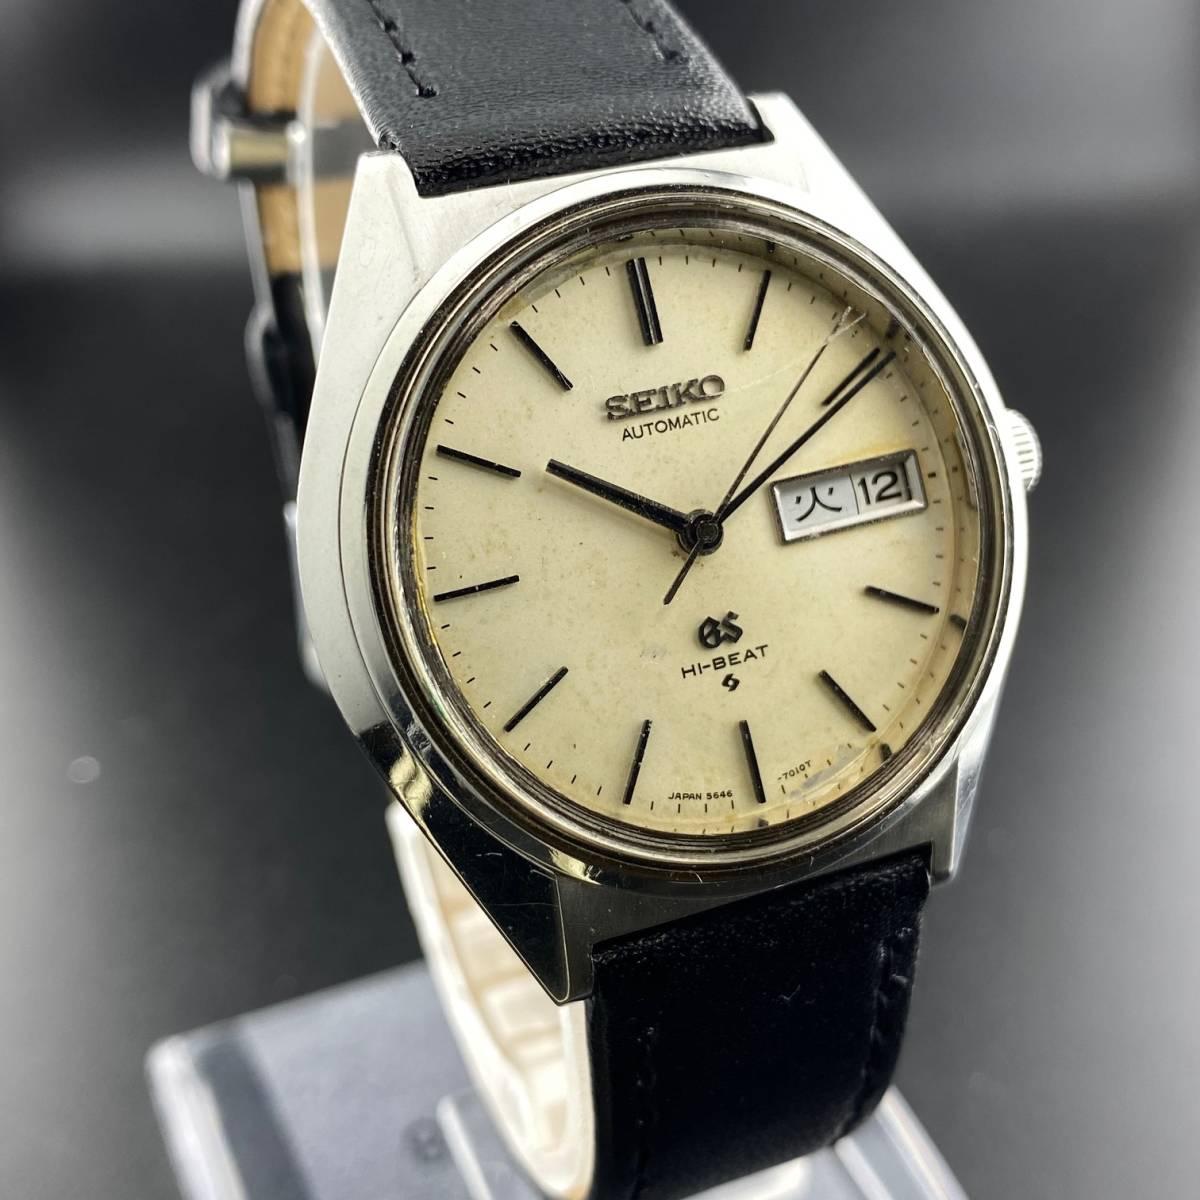 【1円~】GRAND SEIKO グランドセイコー 腕時計 メンズ 自動巻 HI-BEAT ハイビート デイデイト 可動品_画像2